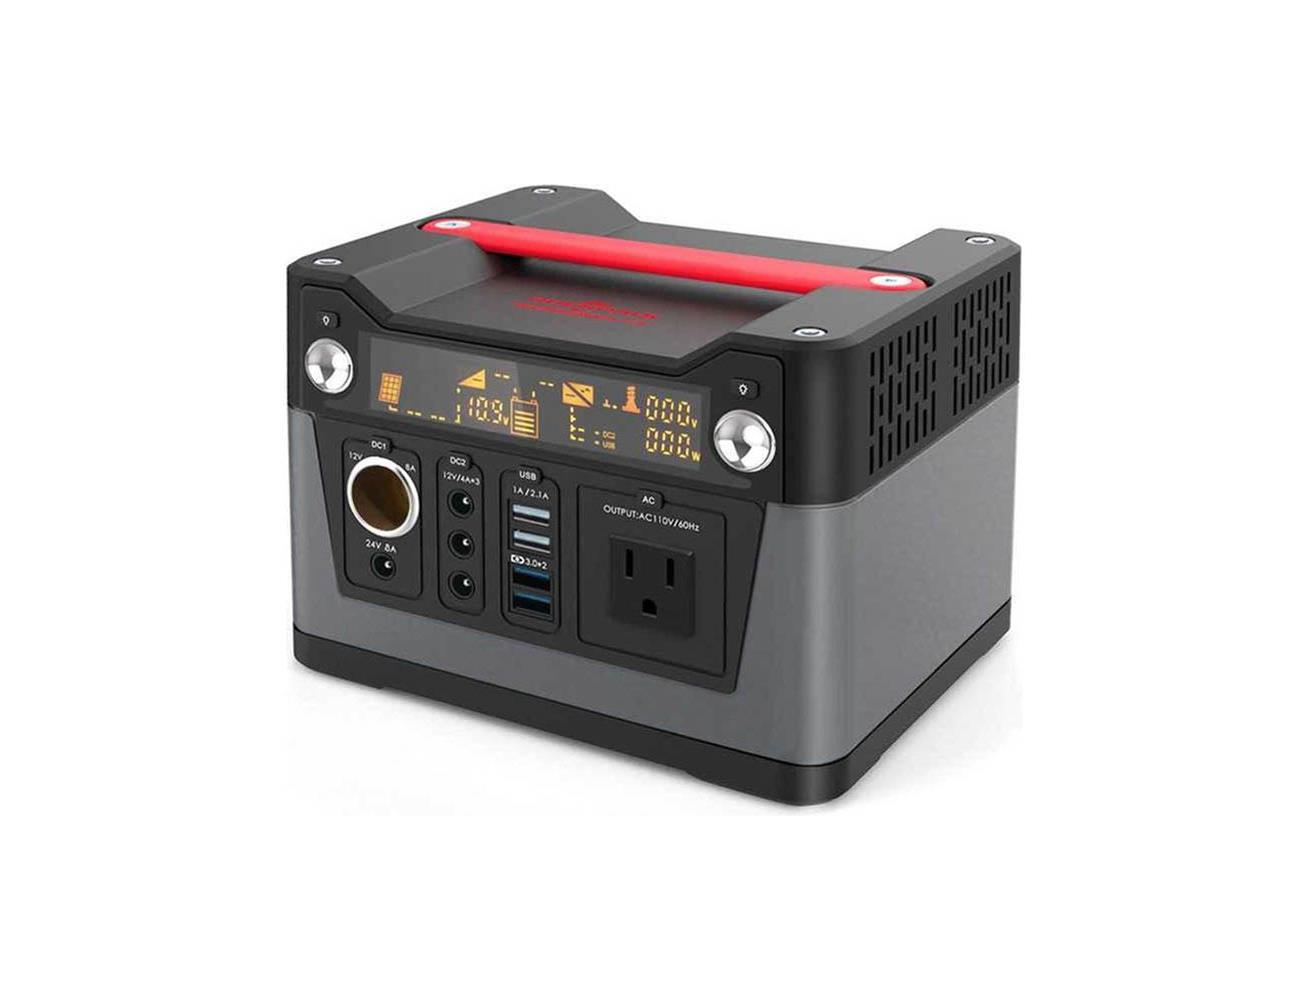 بنك الطاقة المحمول من بورولوجي portable power generator